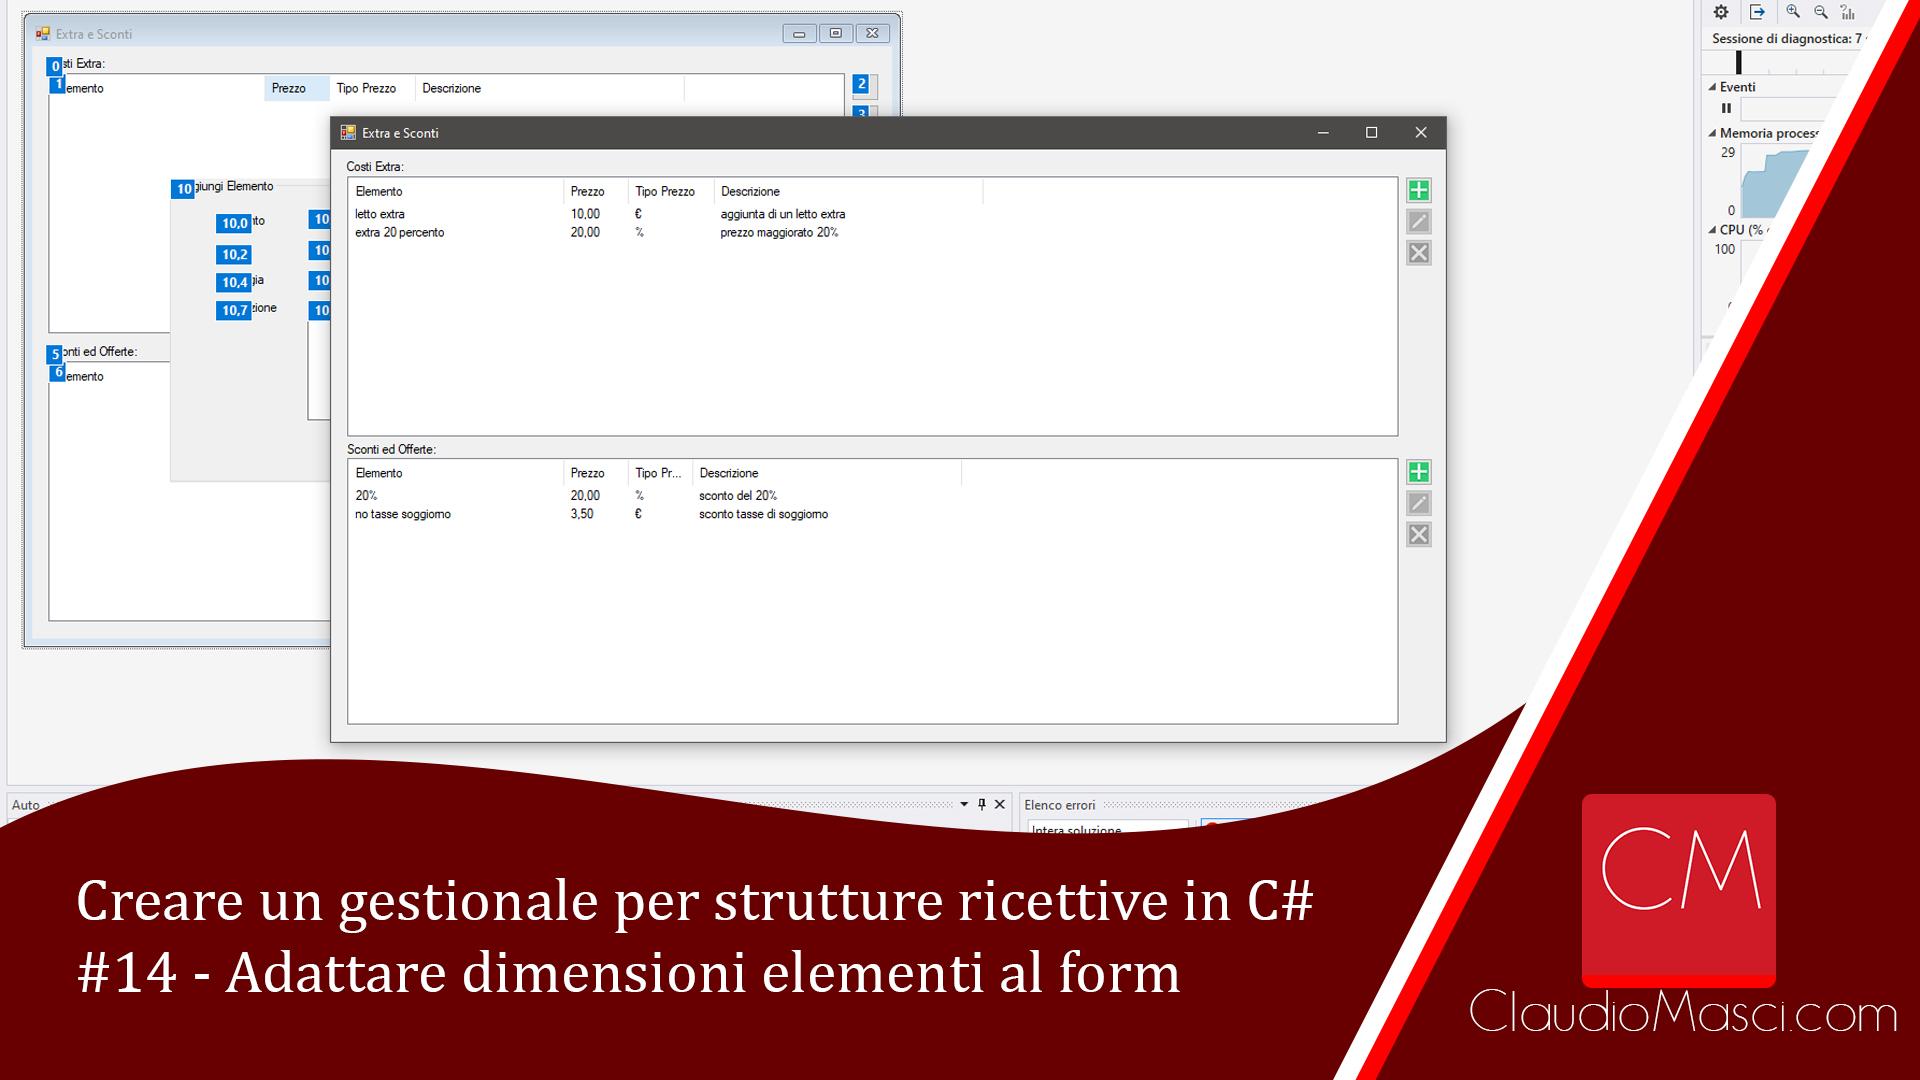 Creare un gestionale per strutture ricettive in C# – #14 – Adattare dimensioni elementi al form